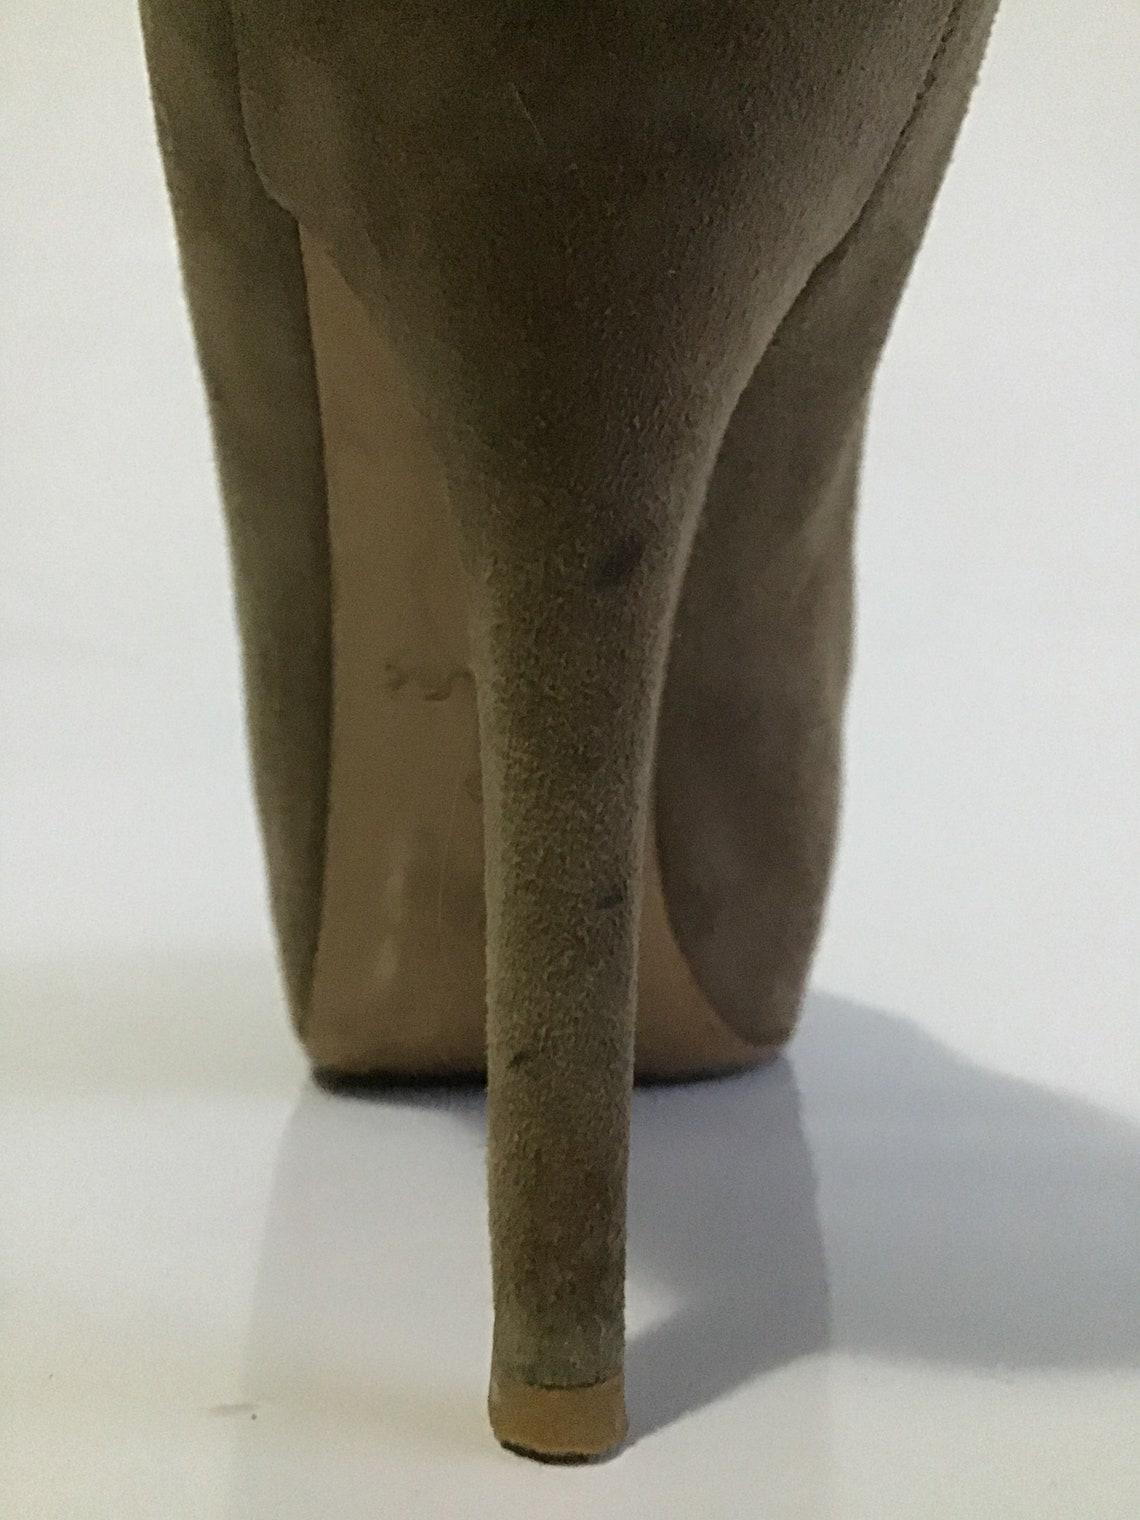 vintage Luis Vuitton- Stupendo ed elegantissimo decolte in  pelle scamosciata colore Oliva  con punta aperta Tacco cm 11 - Scarpe alla moda 97n6HrZf MPUvF9 X0ygSQ